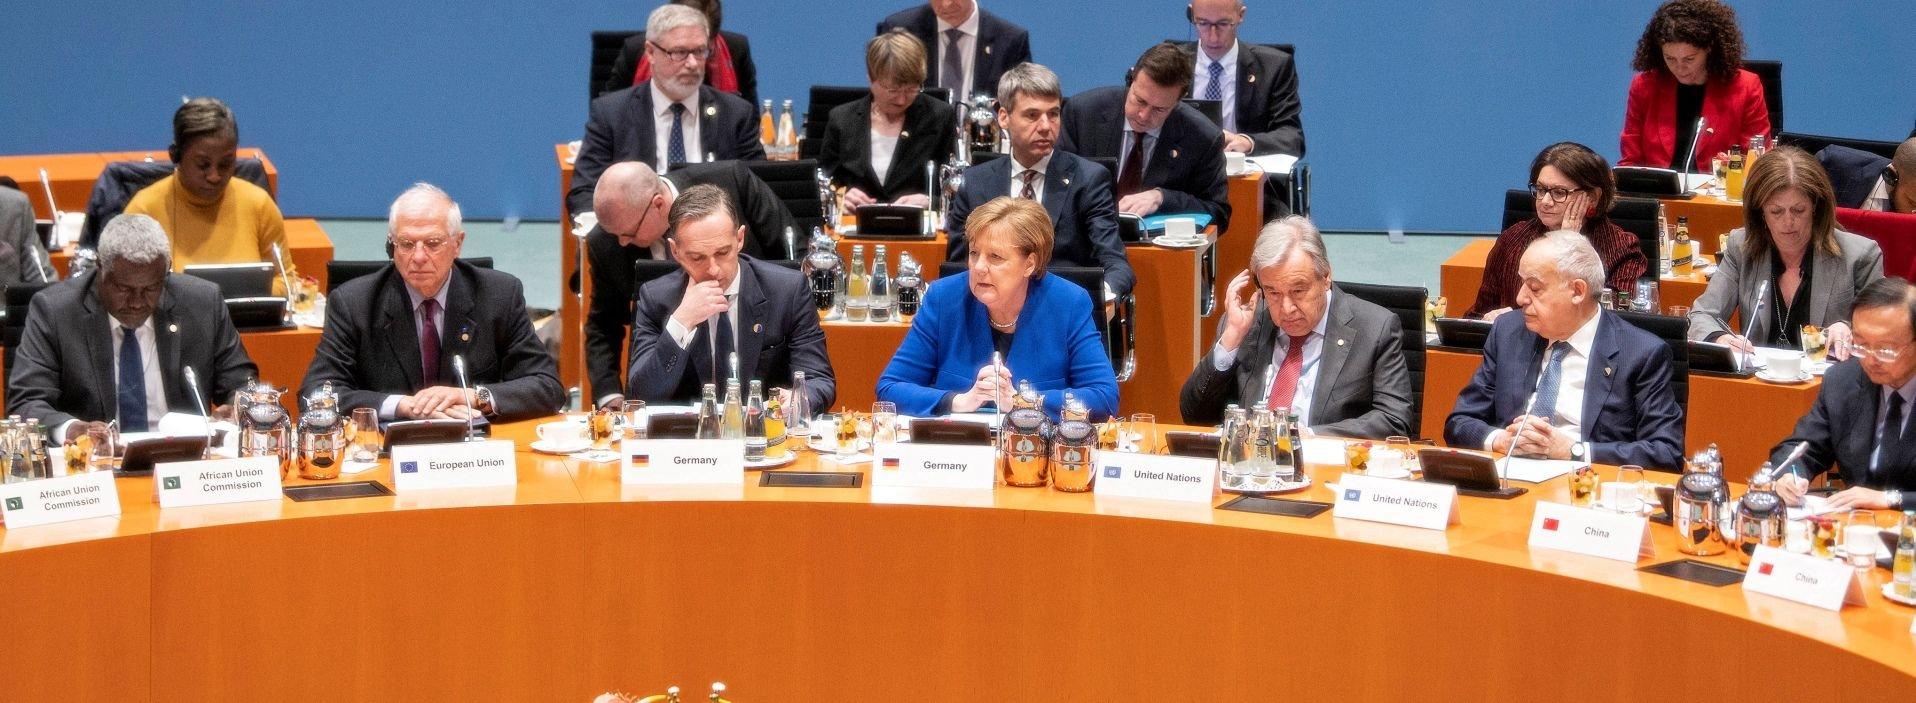 Διάσκεψη στο Βερολίνο: Καταρχήν συμφωνία για επιβολή εκεχειρίας στη Λιβύη – Η πρώτη αντίδραση της Κυβέρνησης